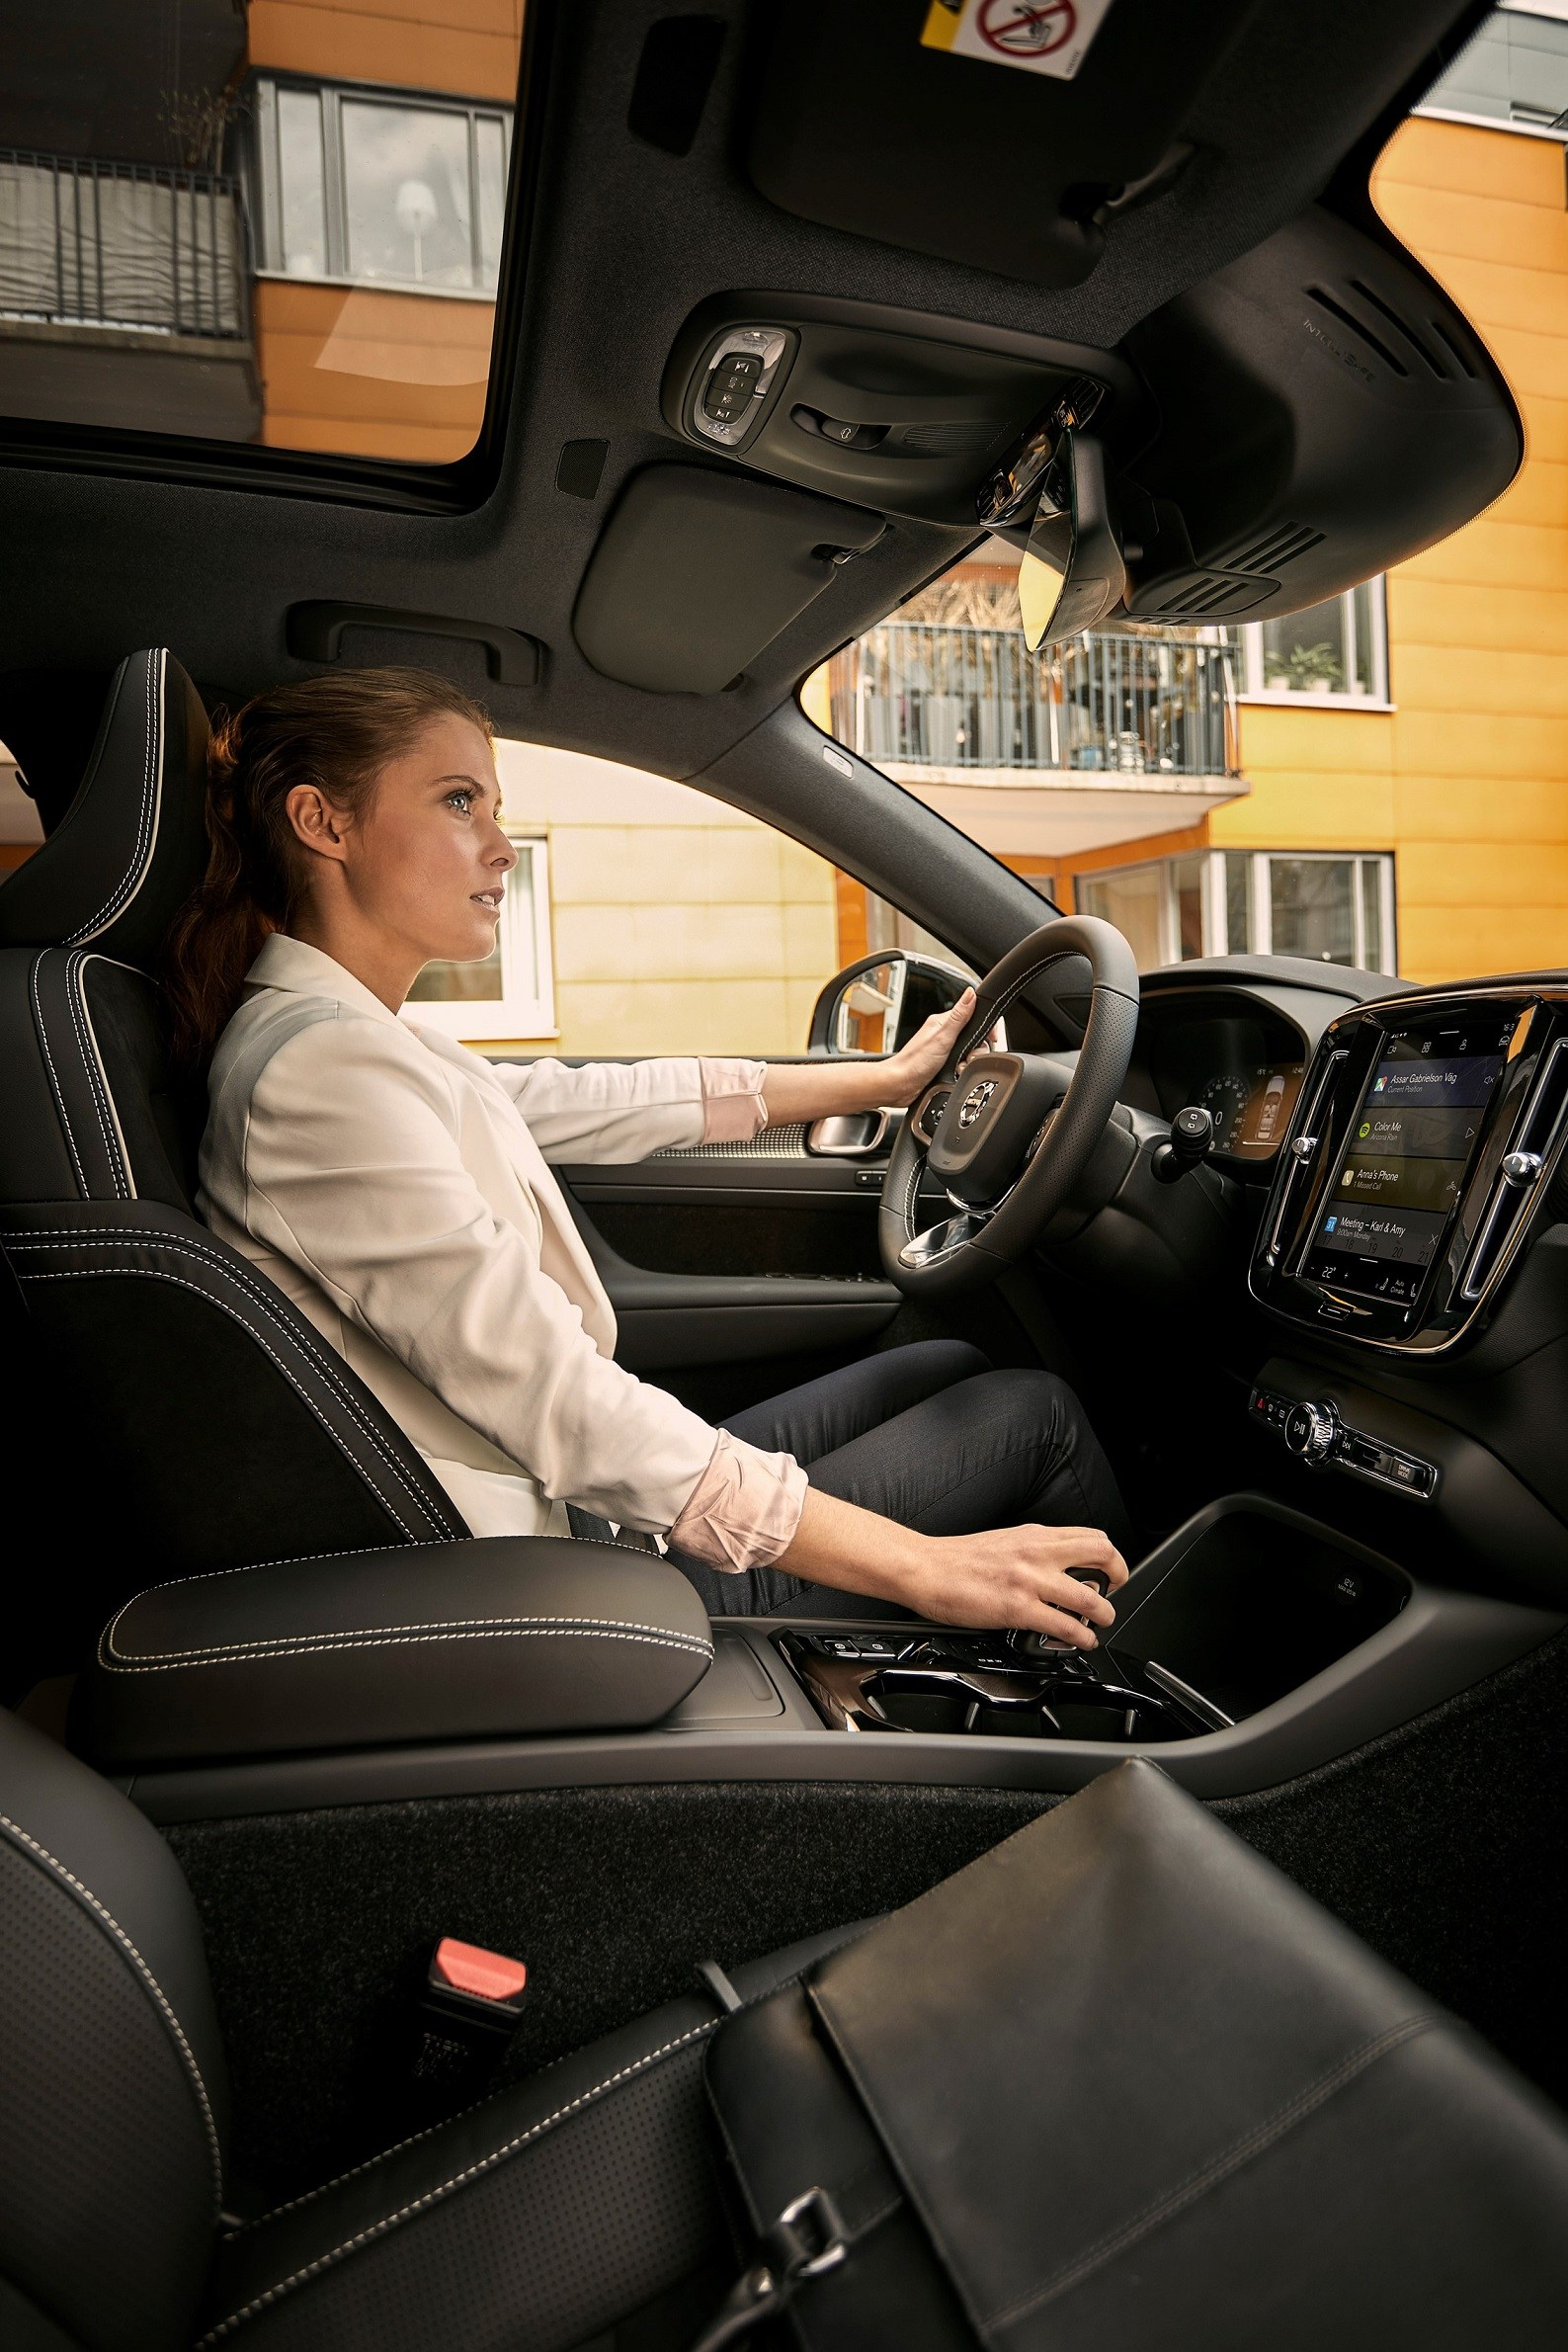 Η Volvo συνεργάζεται με την Google για την επόμενη γενιά συστημάτων Infotainment